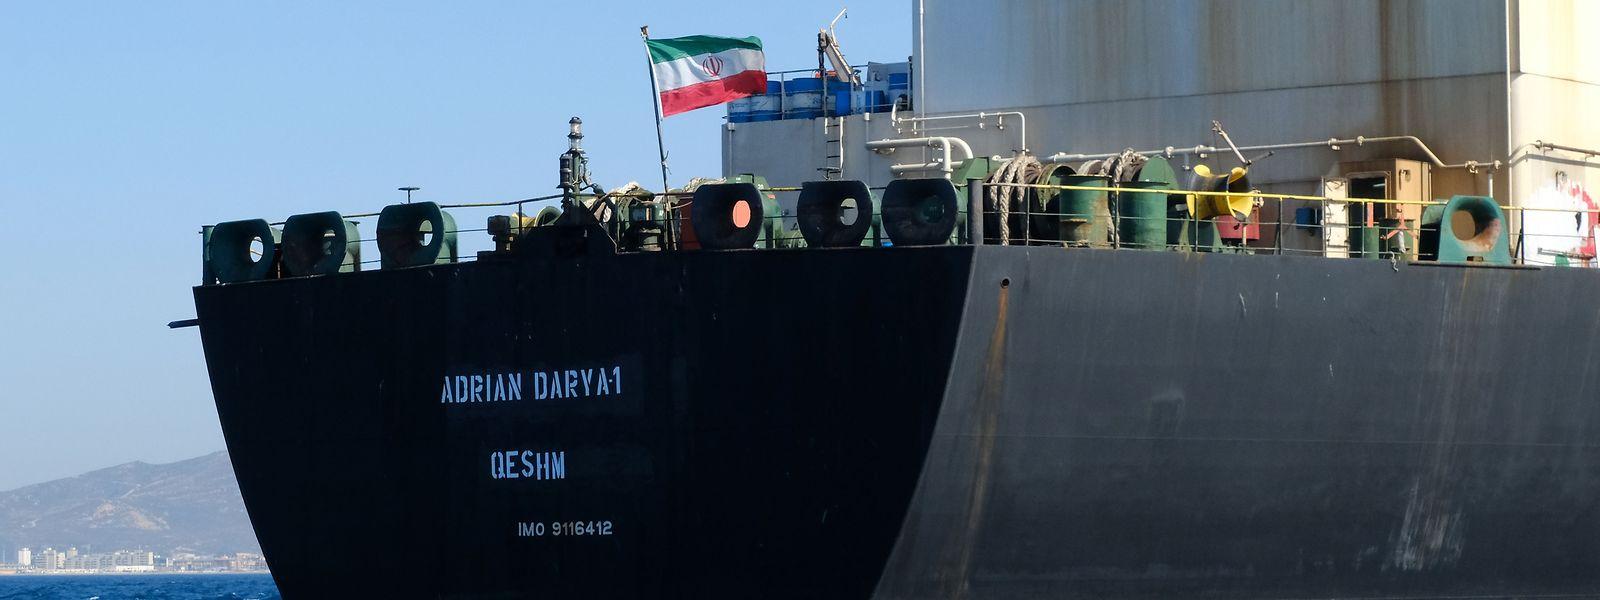 Die Adrian Darya-1 war seit dem 4. Juli in Gibraltar immobilisiert.